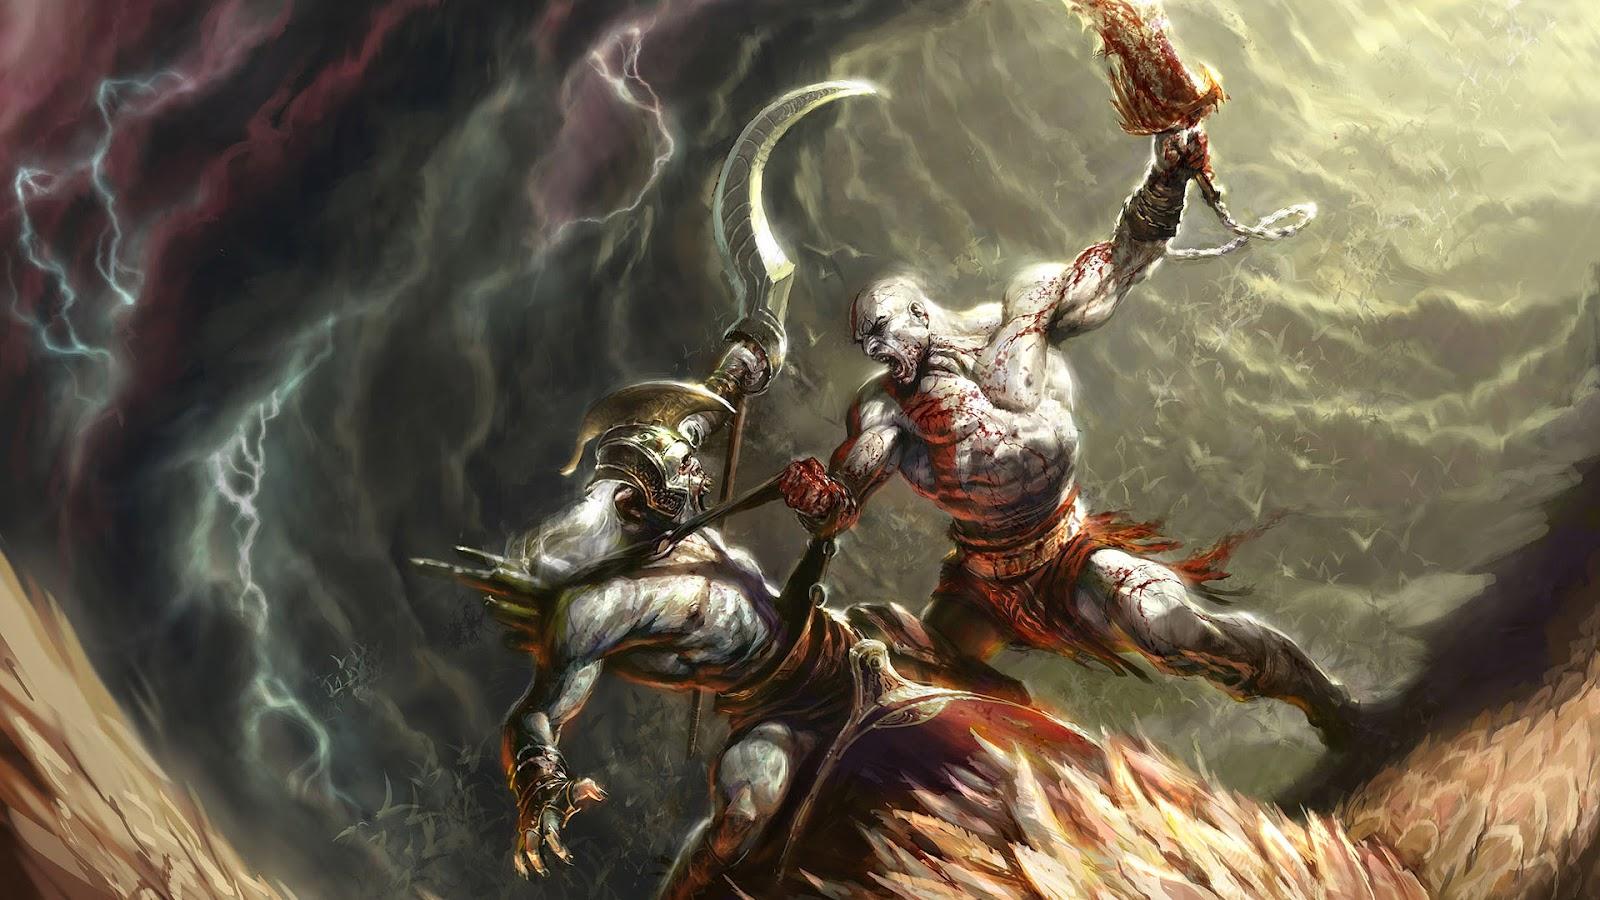 http://2.bp.blogspot.com/-ukWMYDnr4O4/UBCYkQGrZxI/AAAAAAAABjU/u68D7t9xqJA/s1600/god_of_war_3-HD.jpg